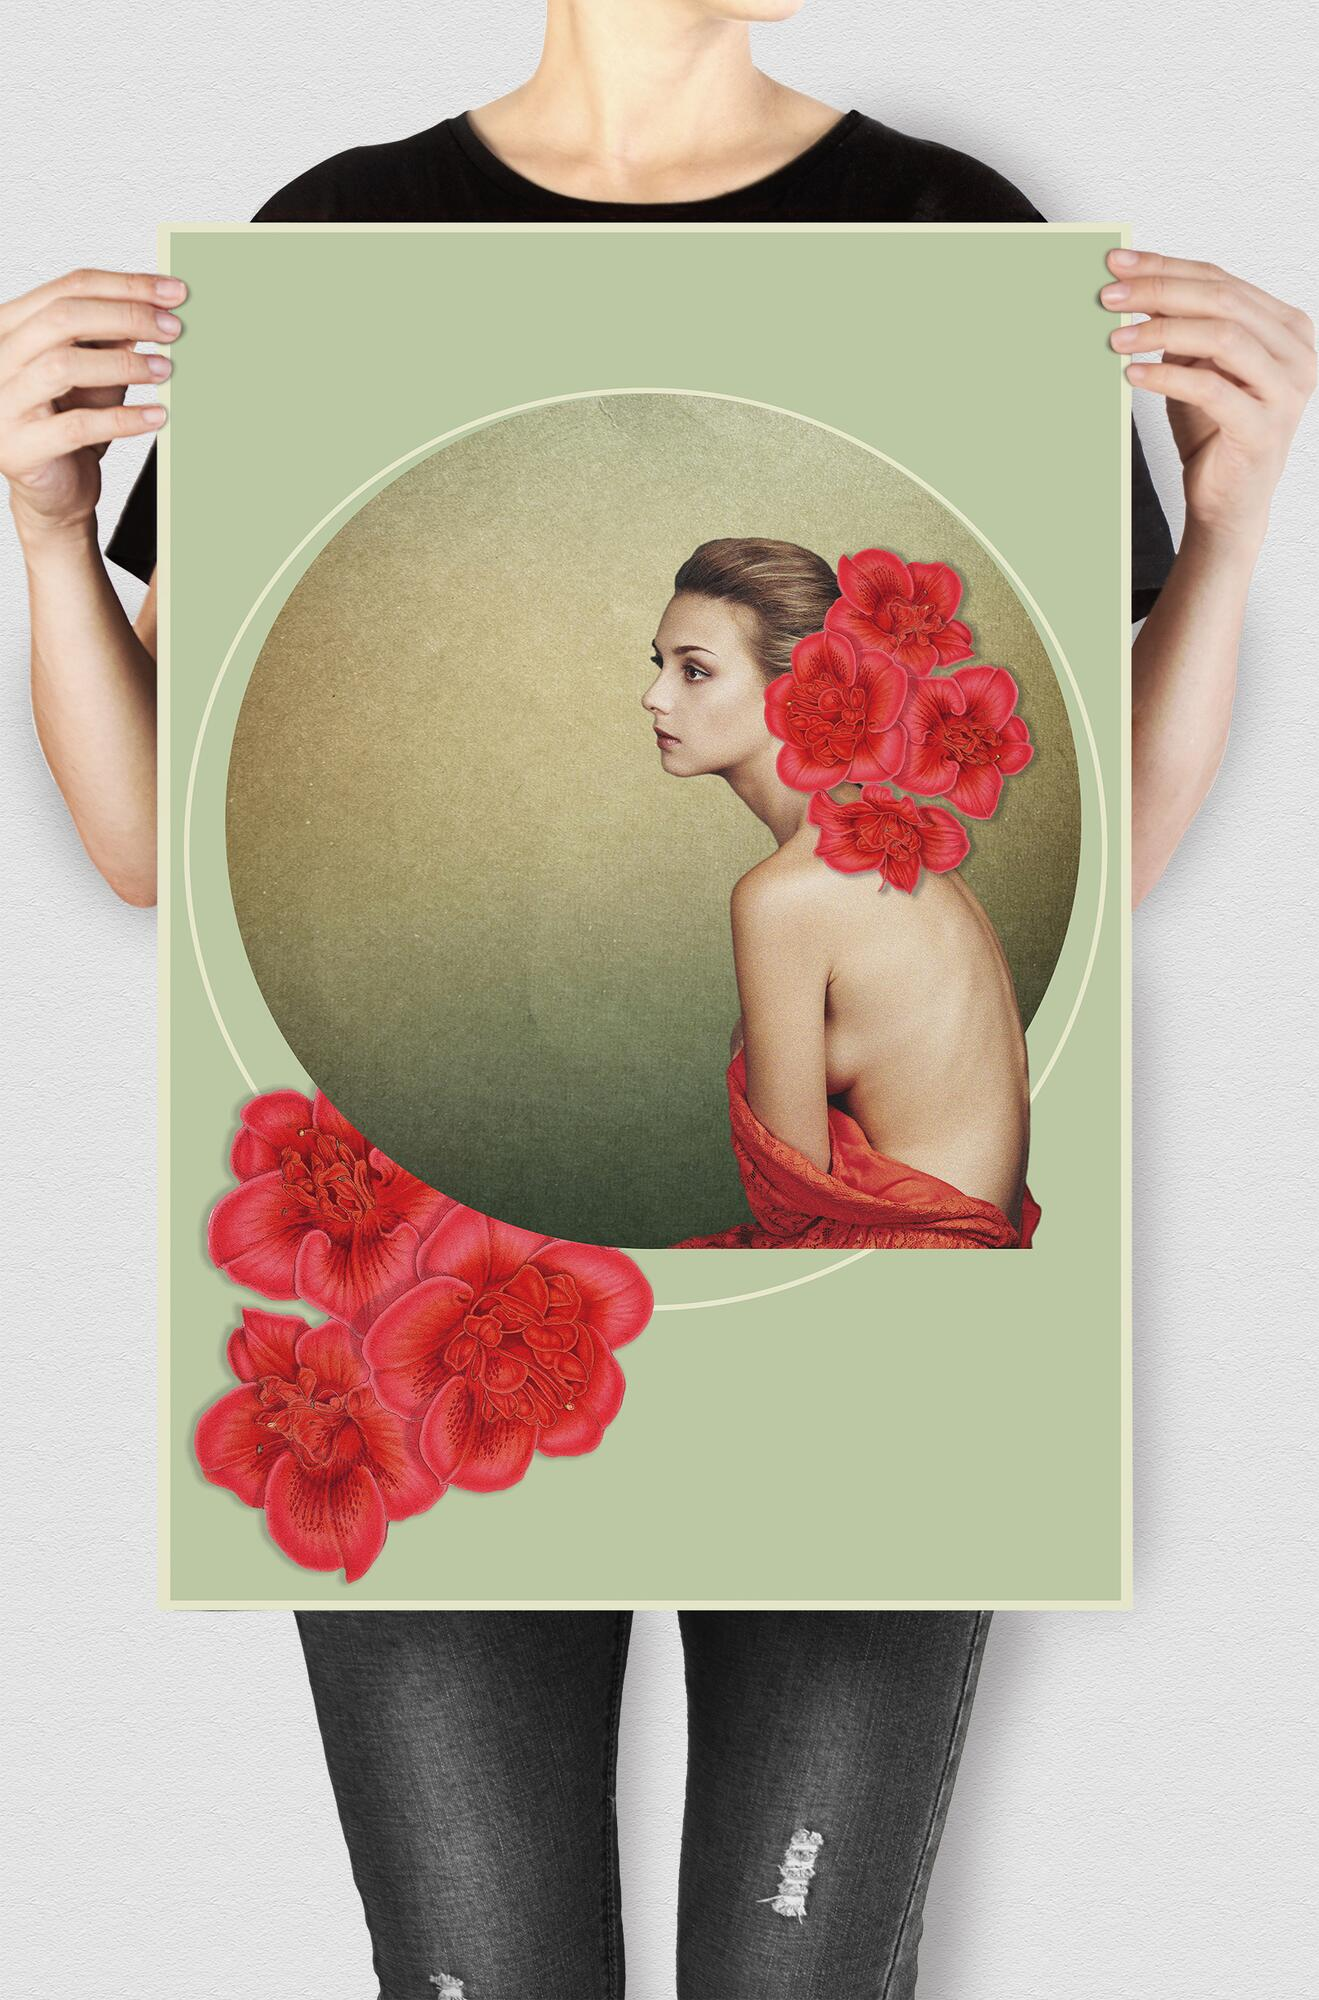 India Devos - grafika na wydruku (kolaż) -Glowacka.Studio | JestemSlow.pl